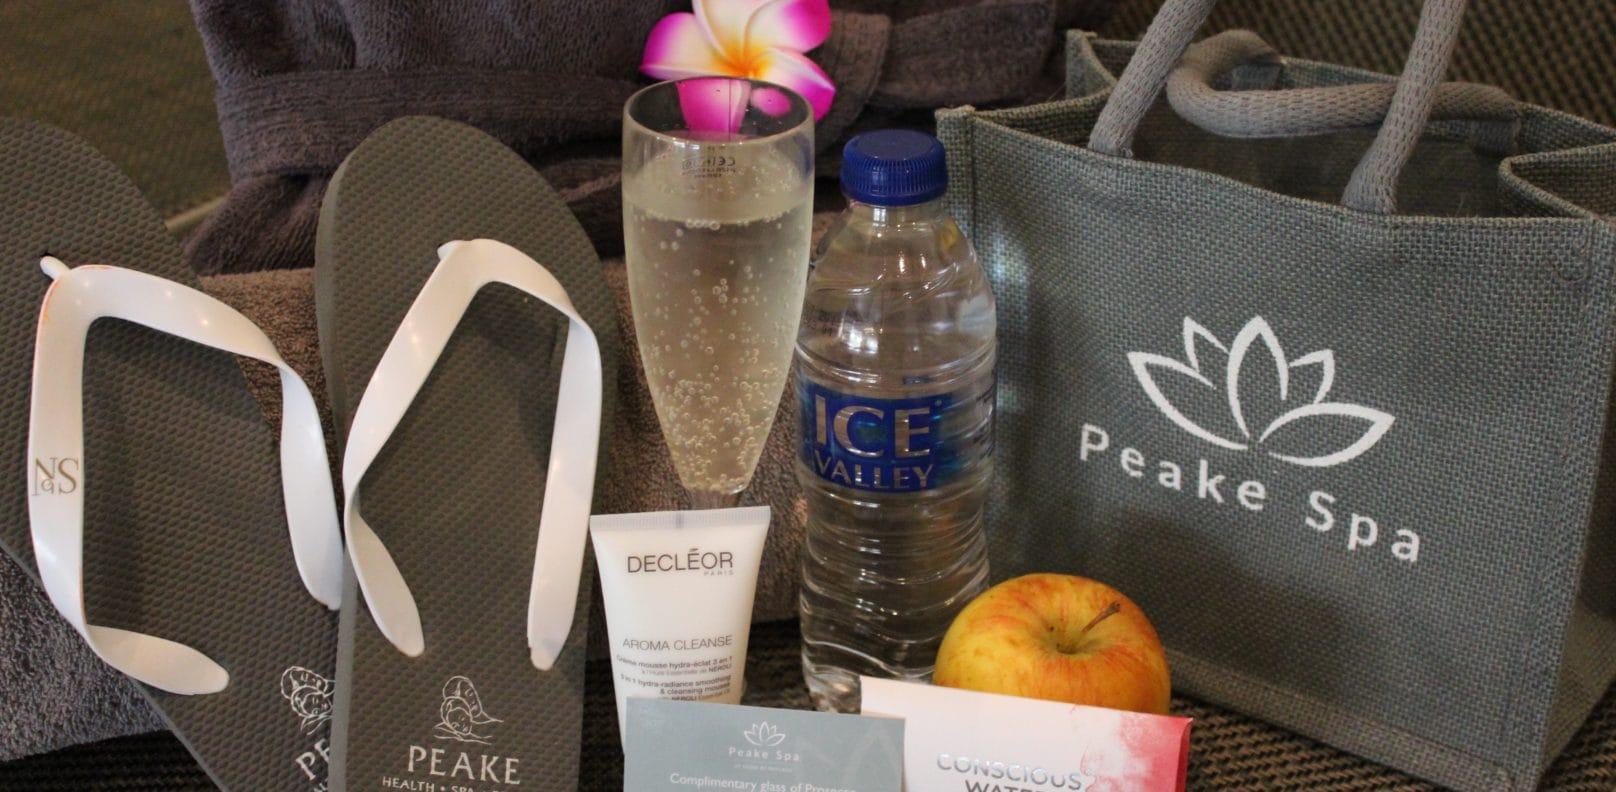 Spa Pass Goody bag